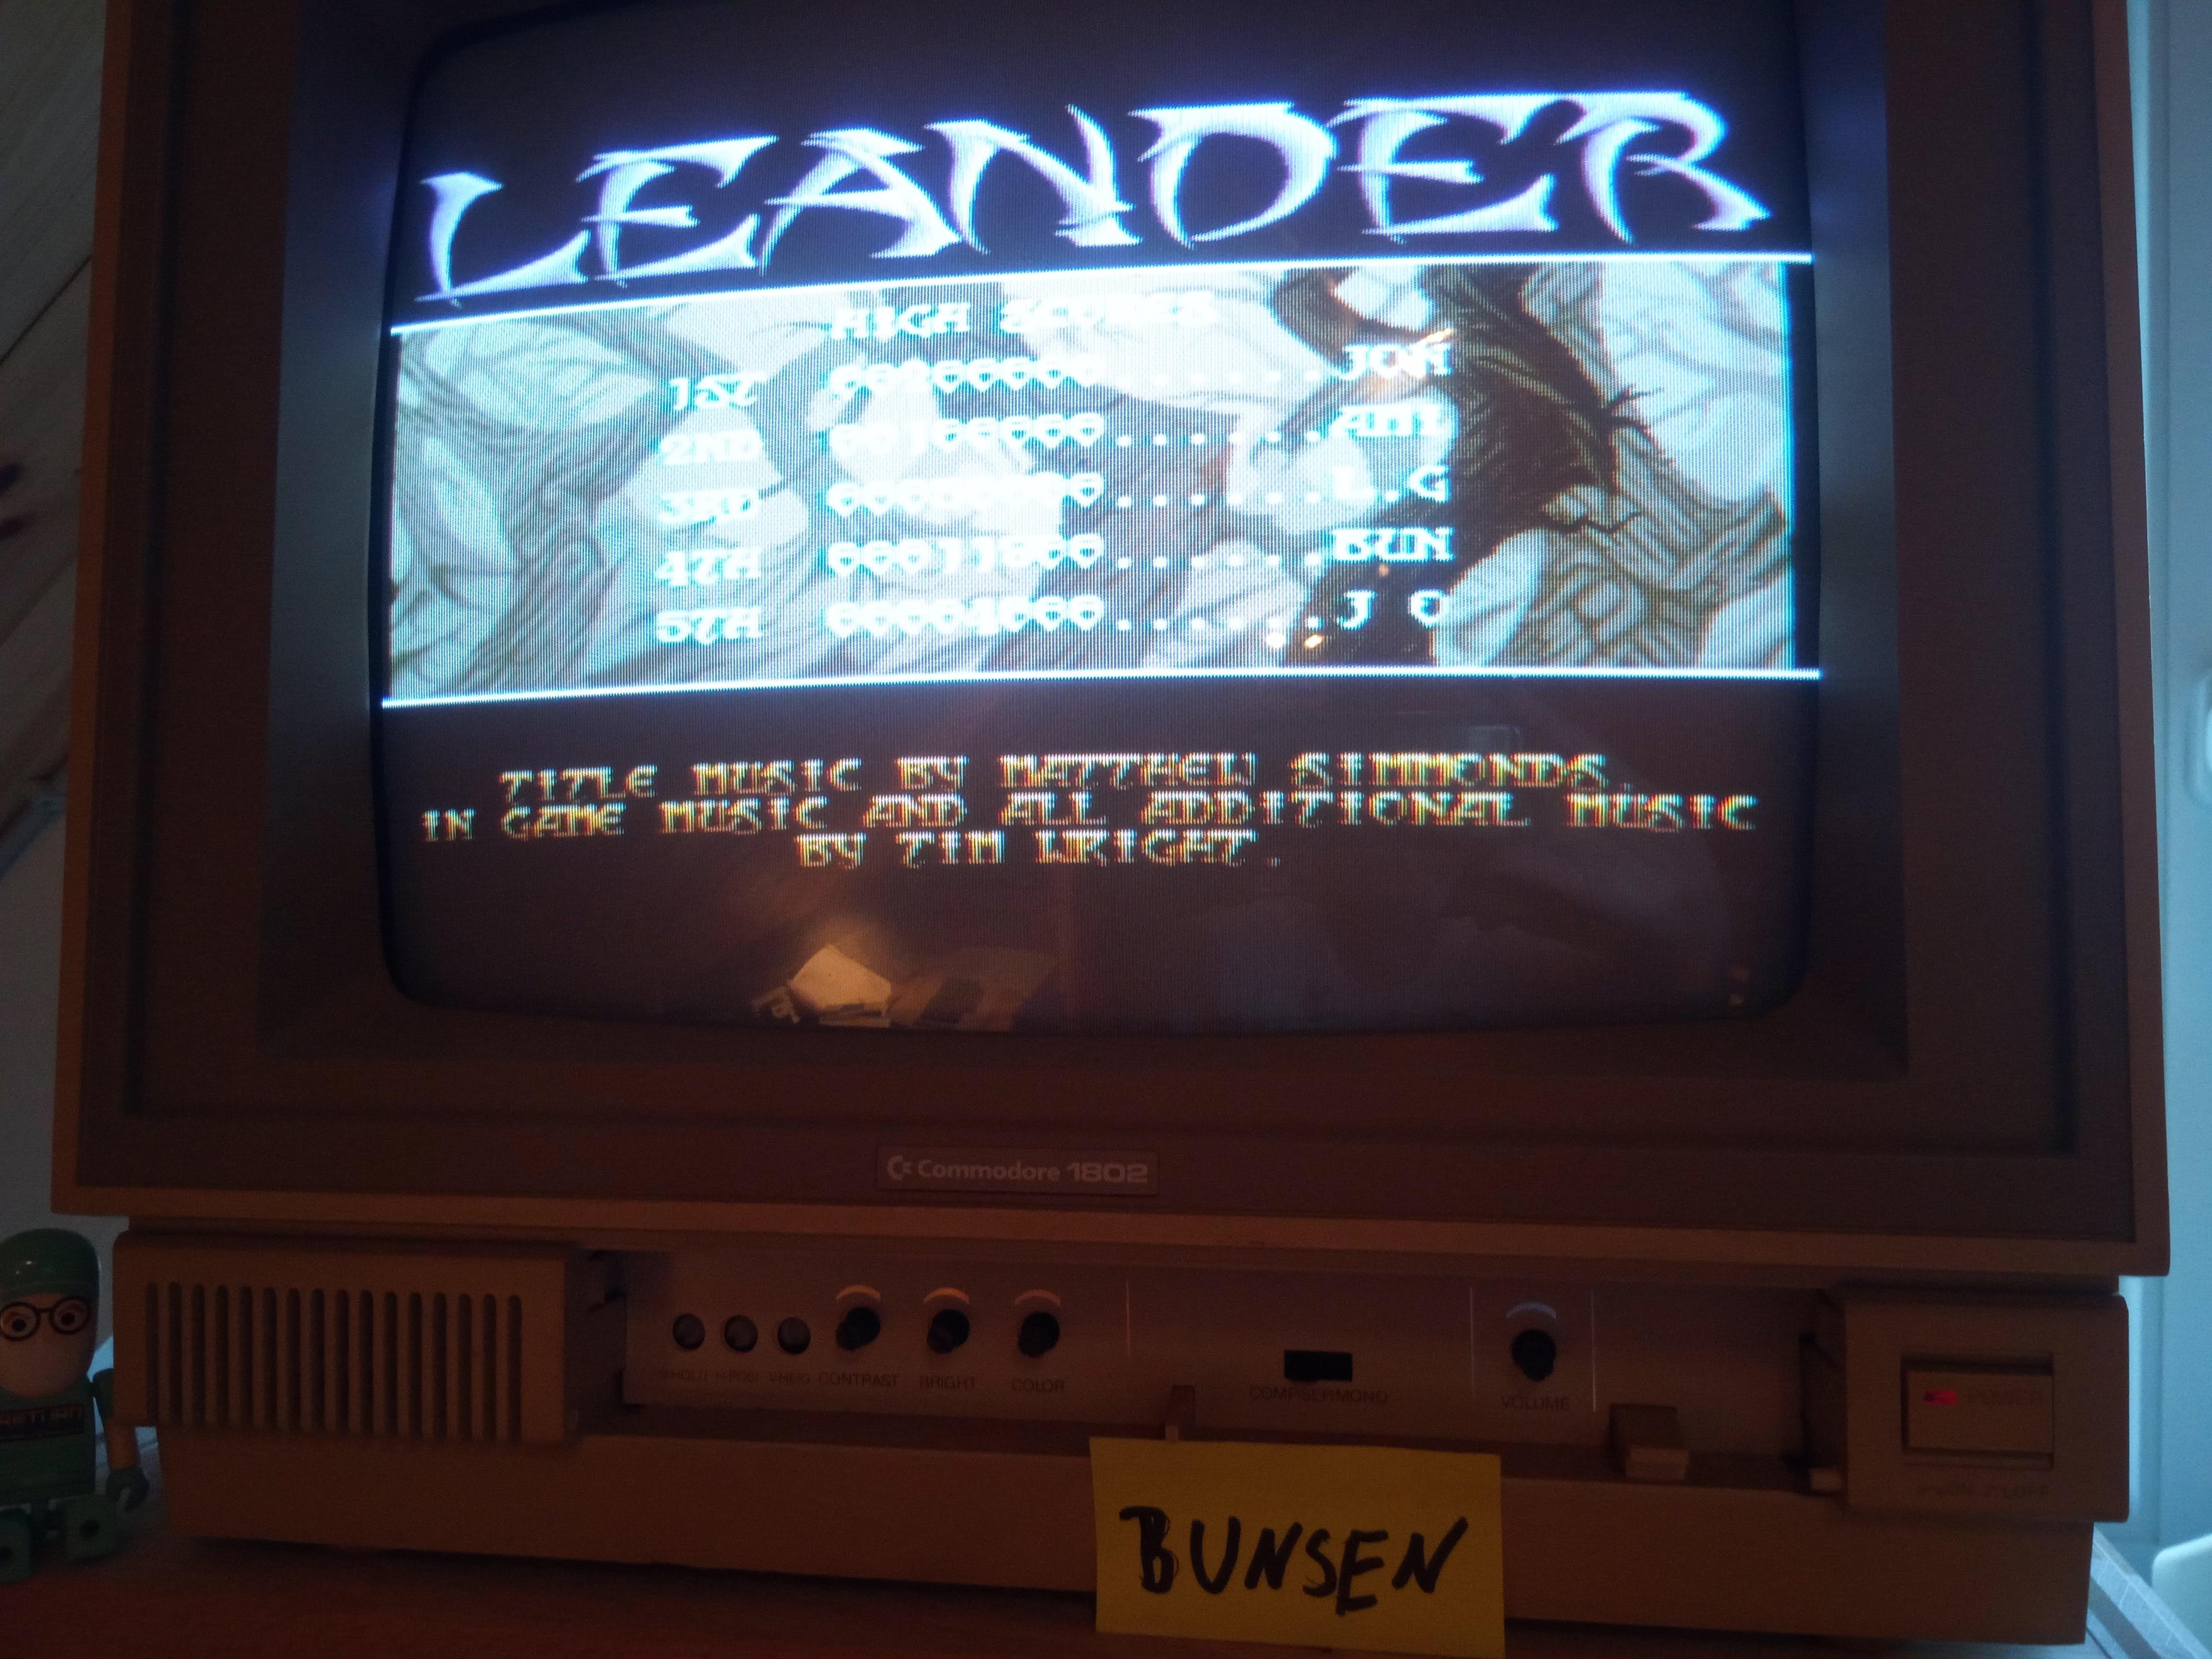 Bunsen: Leander [Normal: 5 Lives] (Amiga) 11,800 points on 2019-07-22 14:07:06